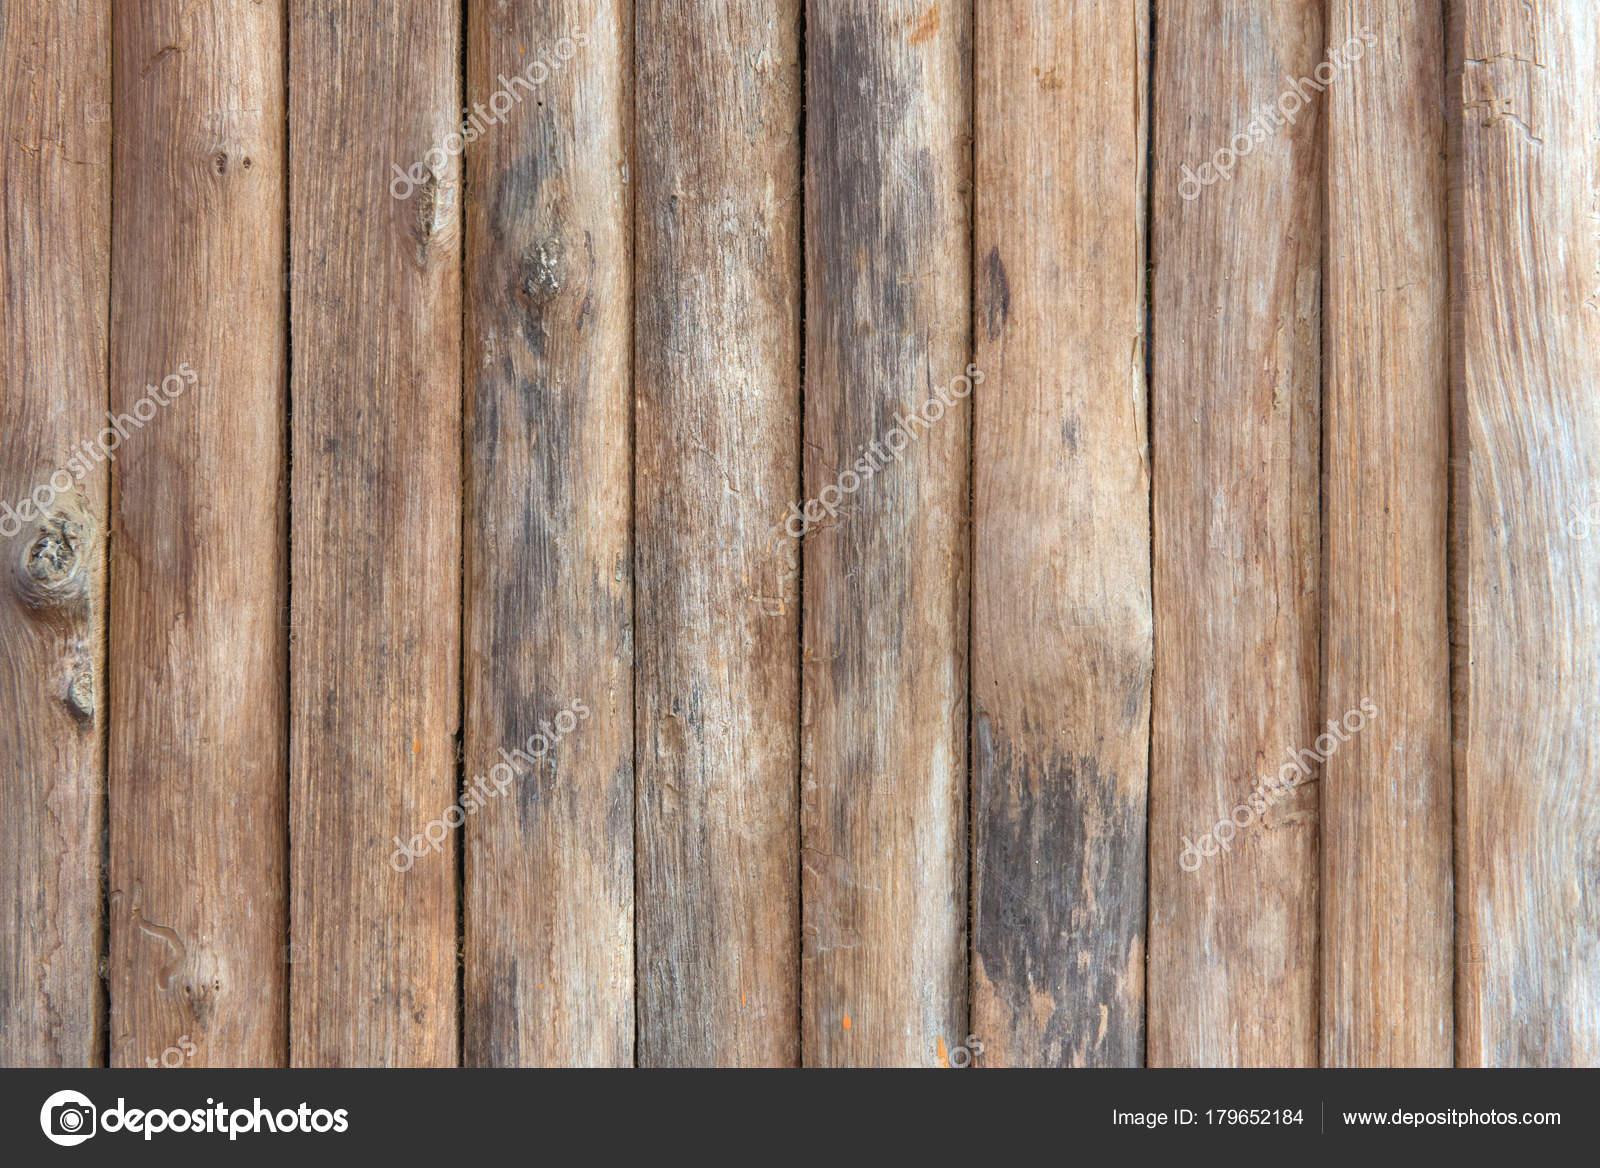 Houten Planken Op De Muur.Houten Planken Muur Textuur Abstract Voor Achtergrond Stockfoto